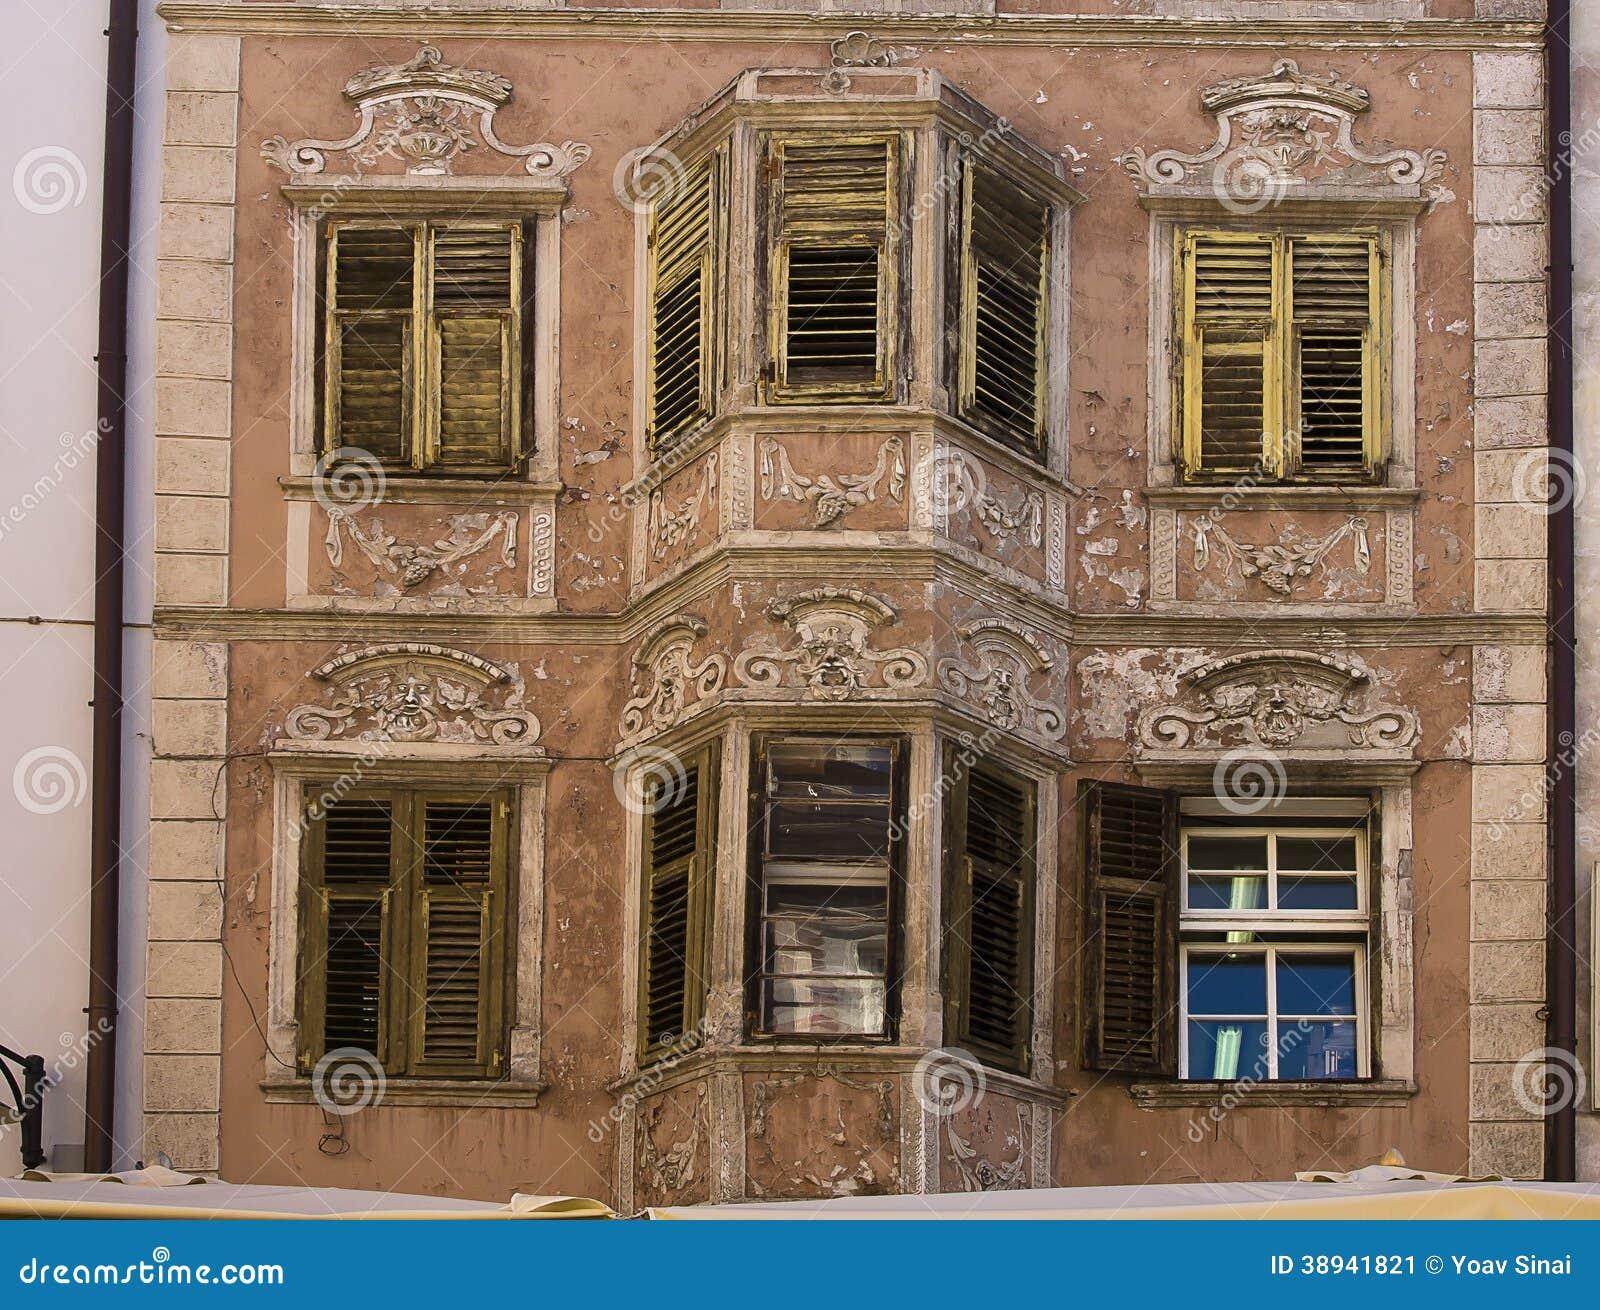 Alte verzierte fassade und fensterl den bozen italien - Alte fensterladen ...